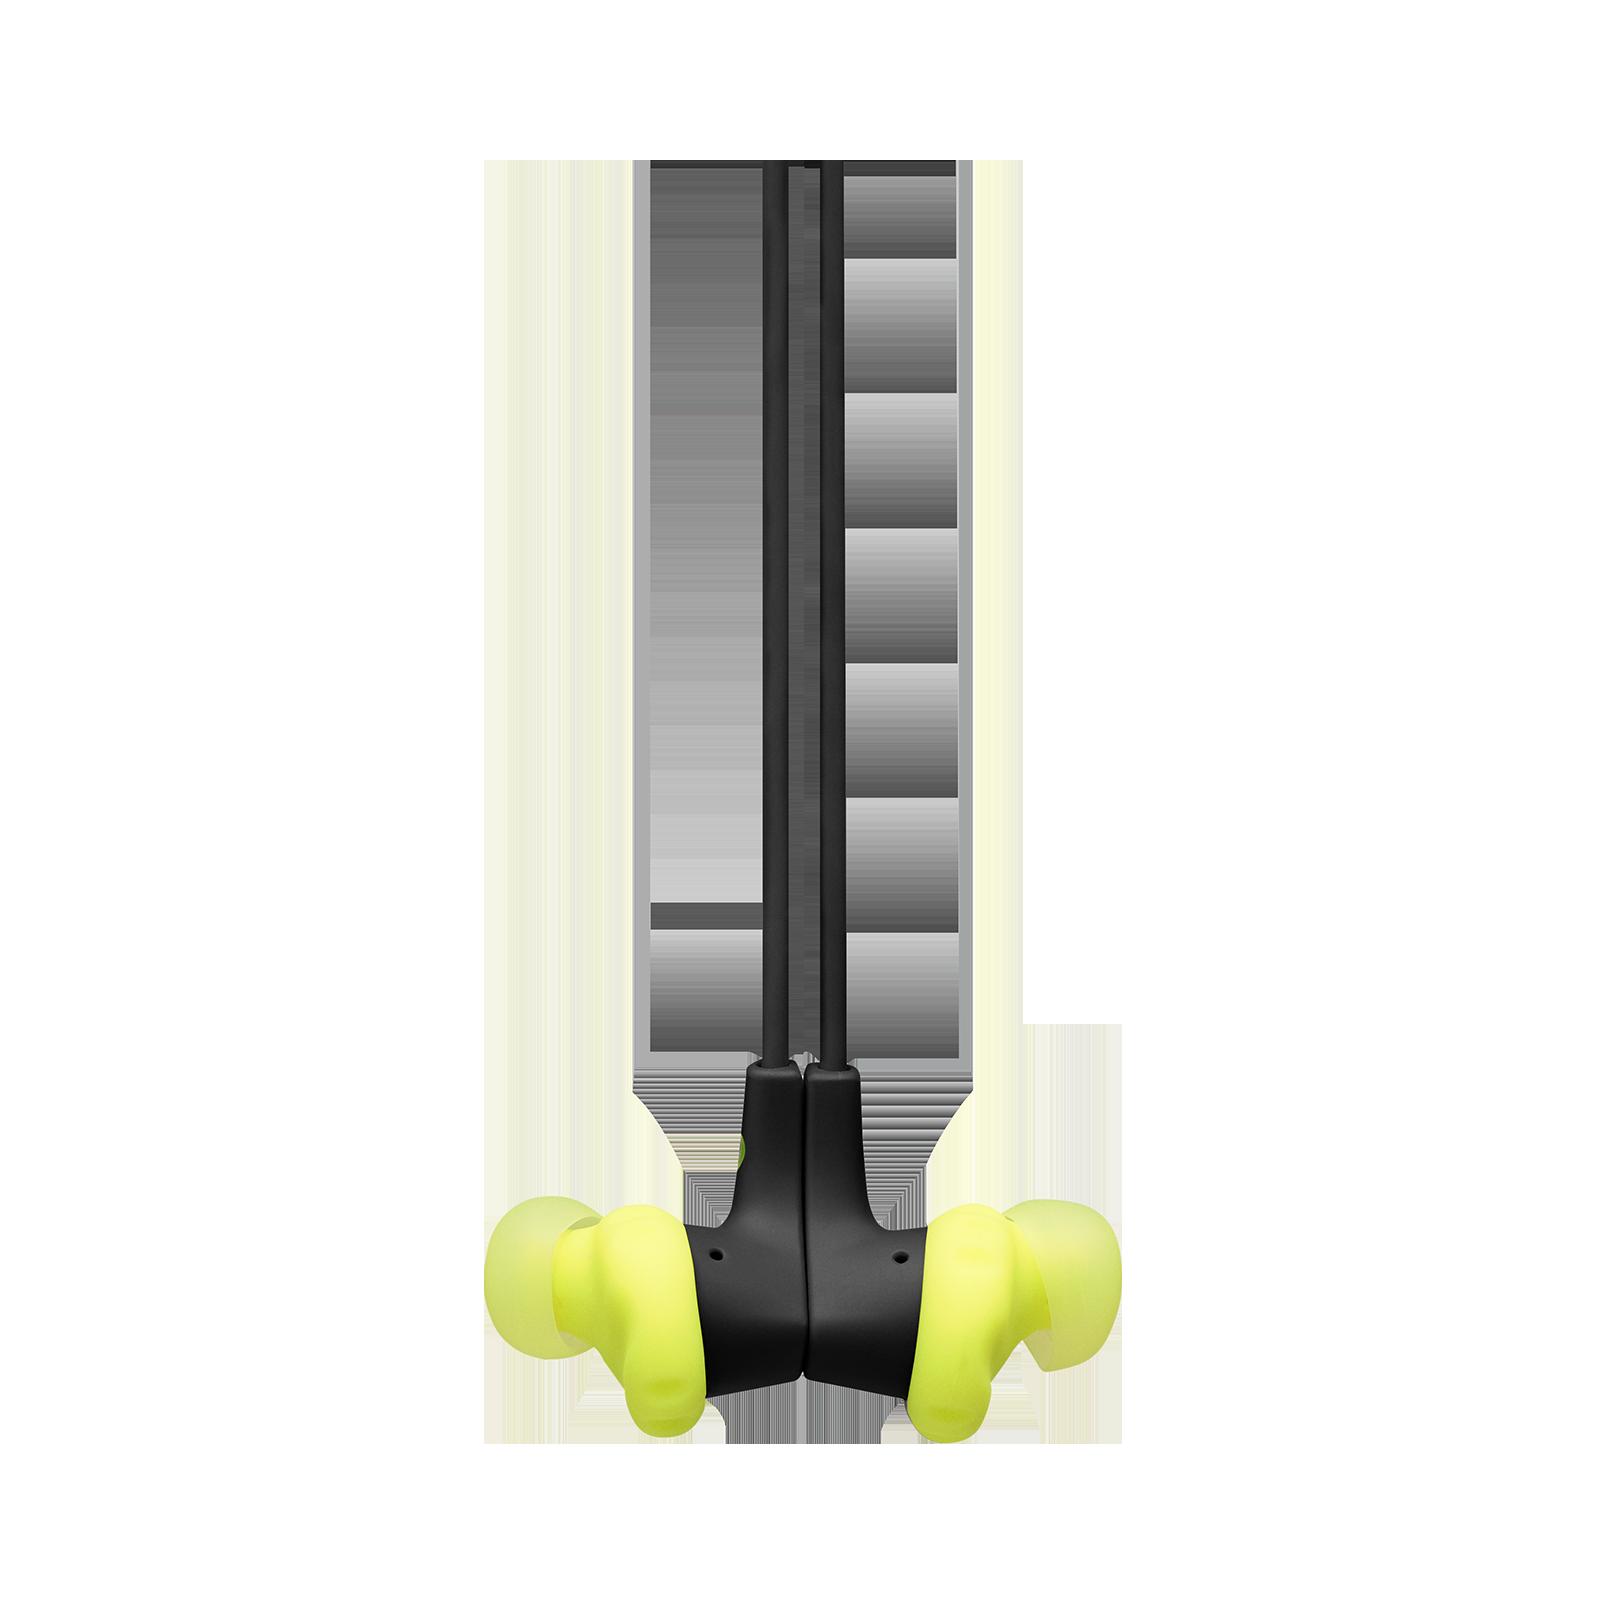 JBL Endurance RUNBT - Green - Sweatproof Wireless In-Ear Sport Headphones - Detailshot 3